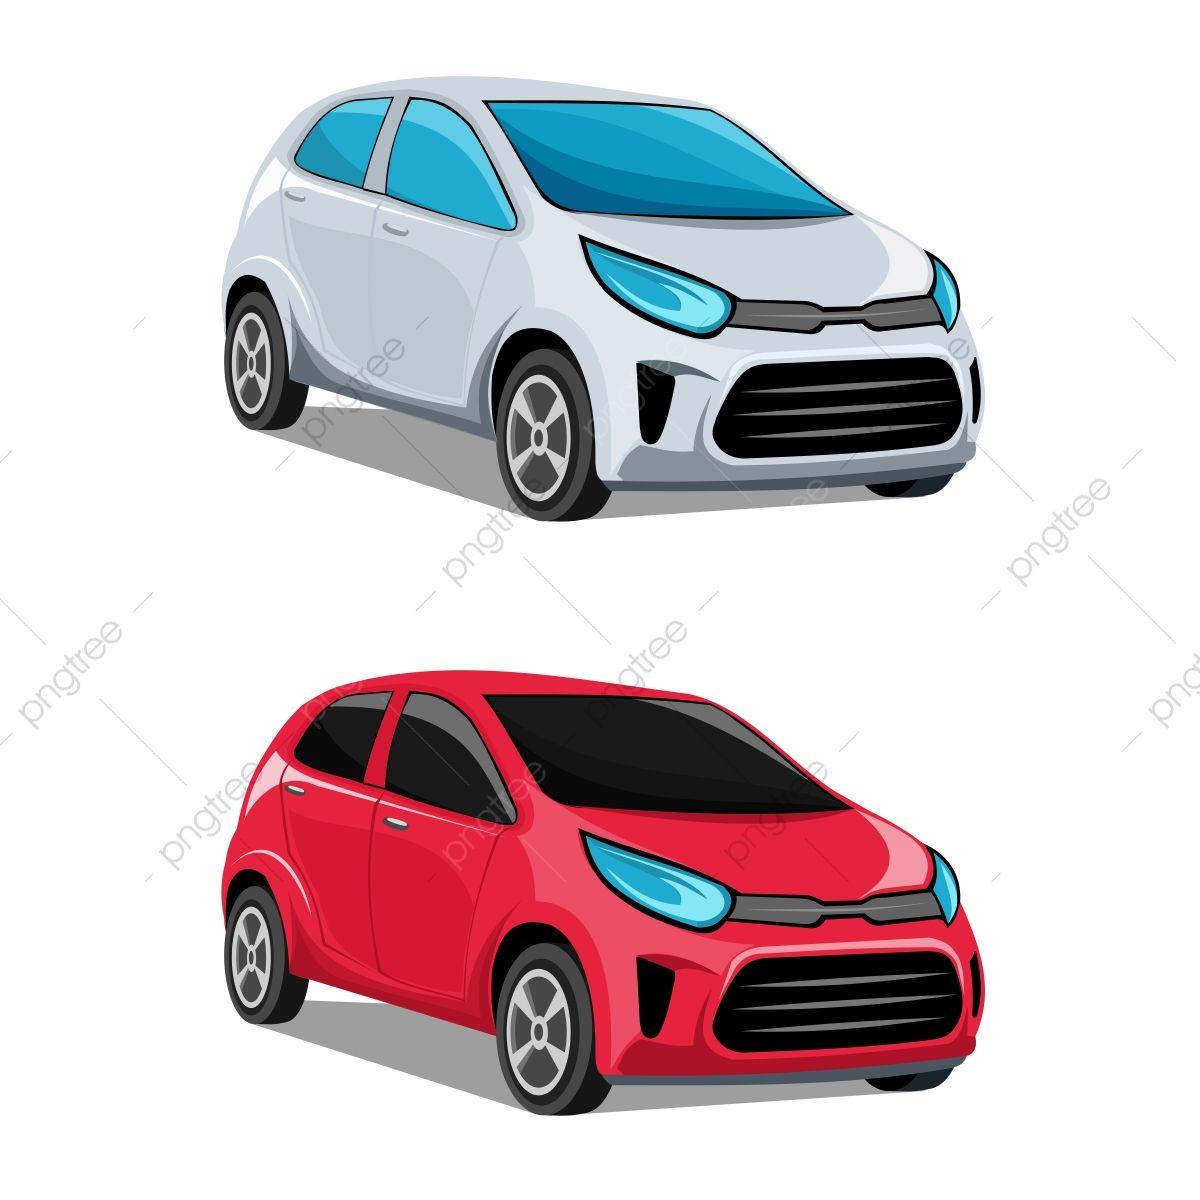 Vetor De Carros Modernos Clipart De Carro 3d Acima Imagem Png E Vetor Para Download Gratuito Car Vector Car Car Cartoon